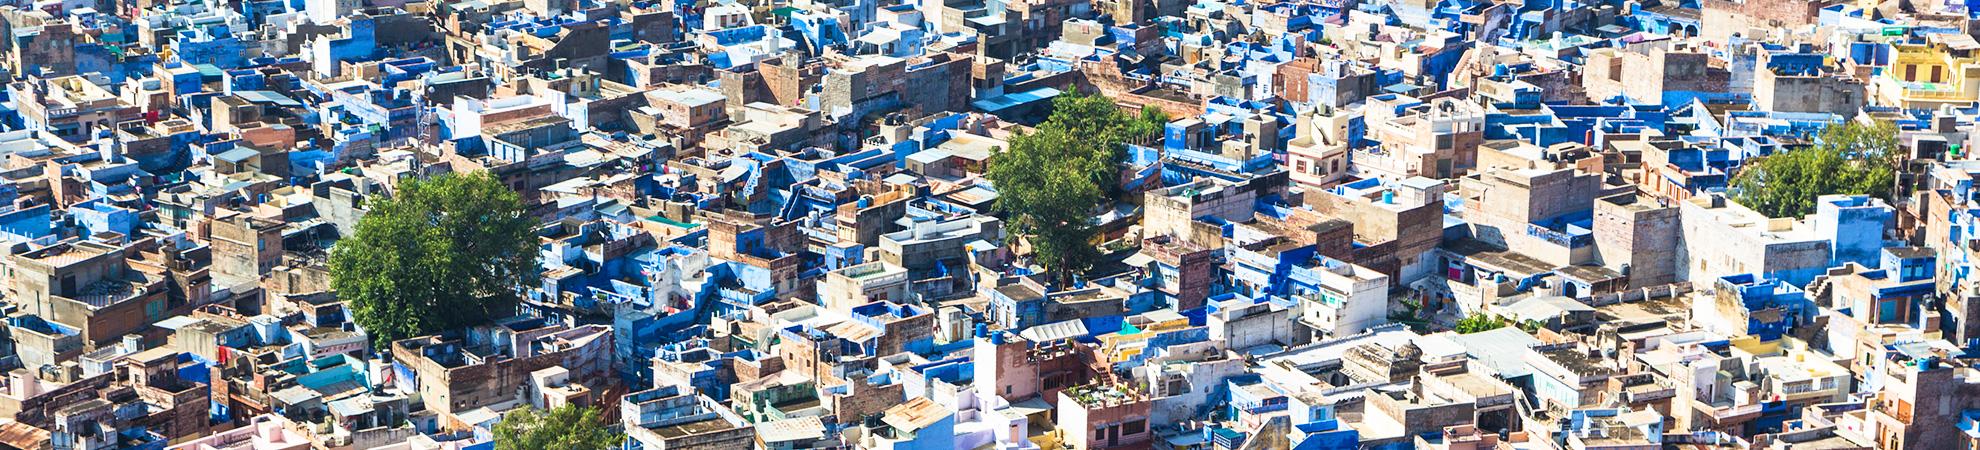 Population de l'Inde